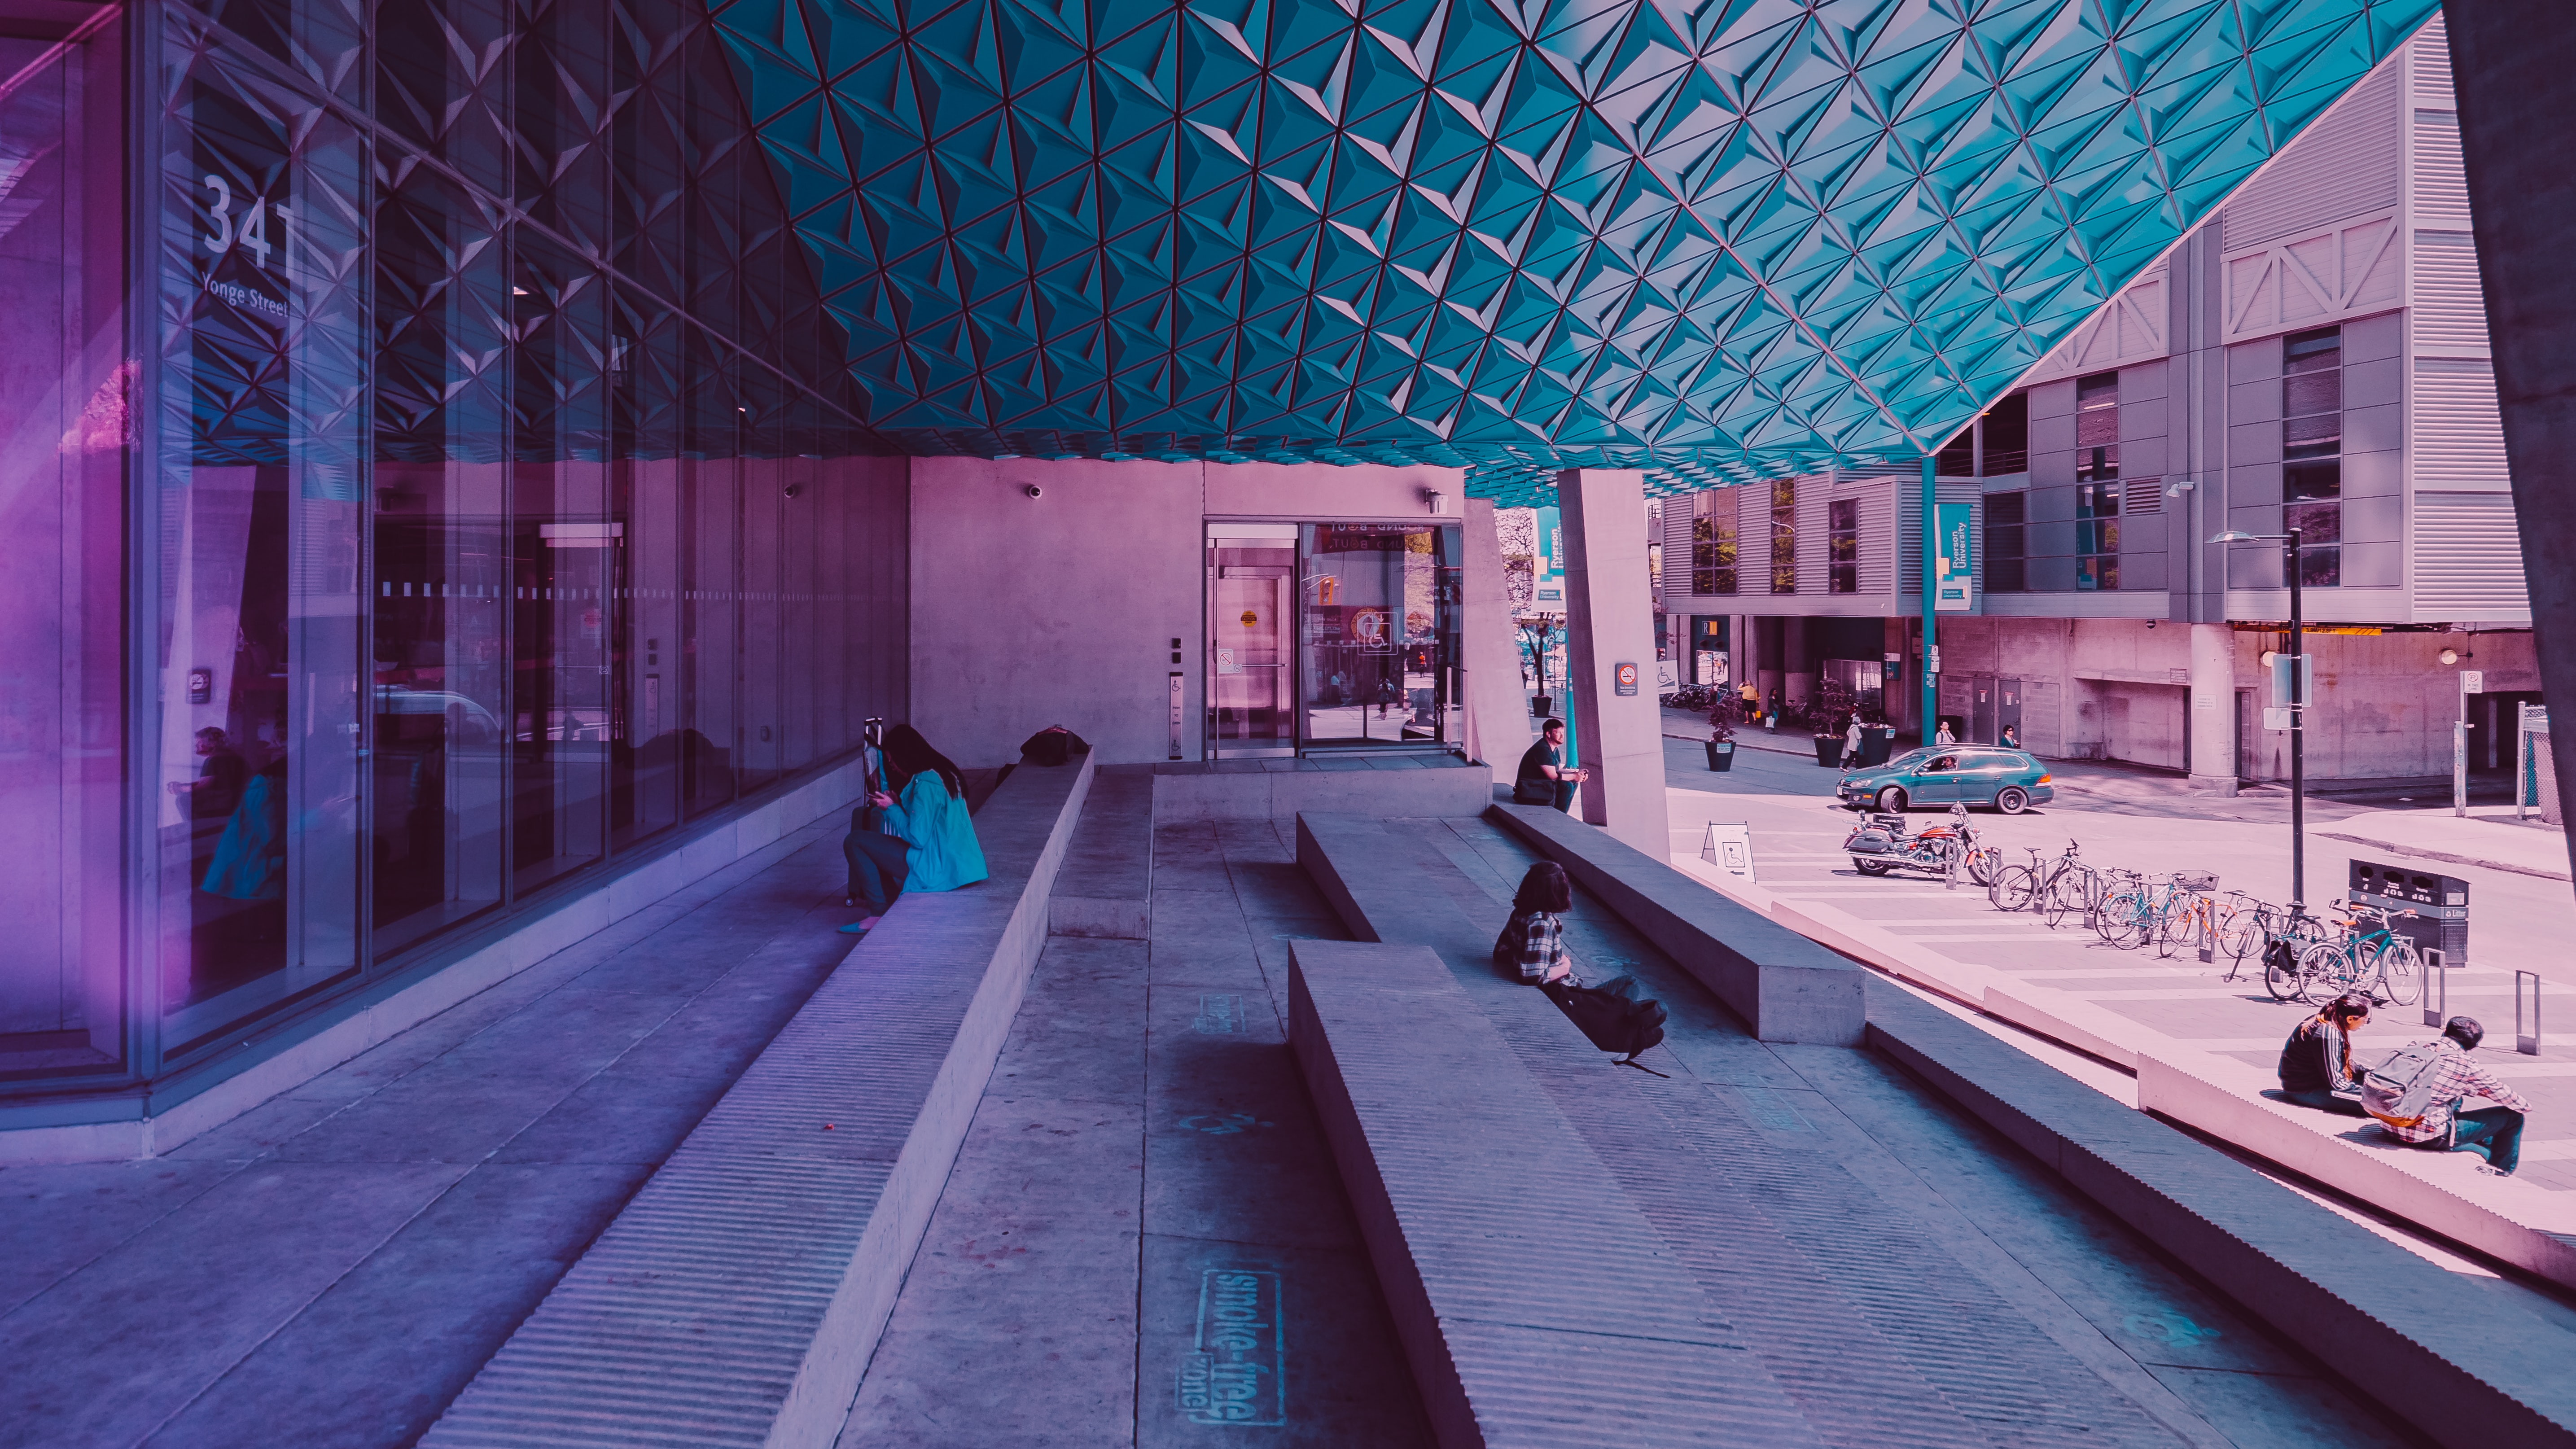 woman sitting on sidewalk near building